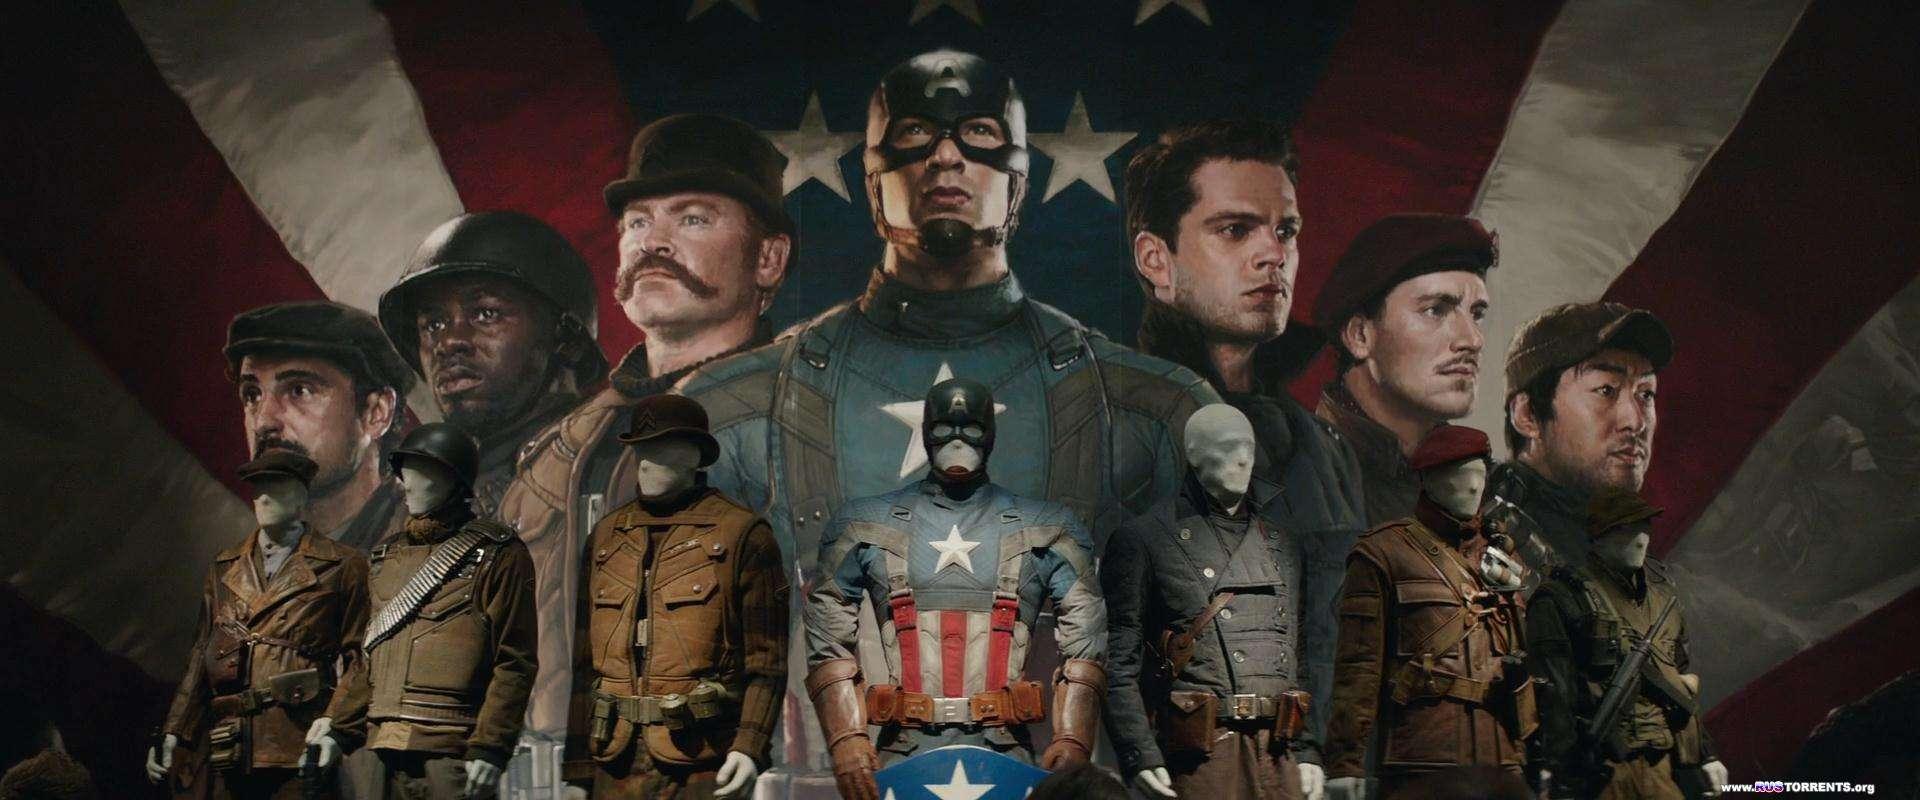 Первый мститель: Другая война | BDRip 1080p | Лицензия